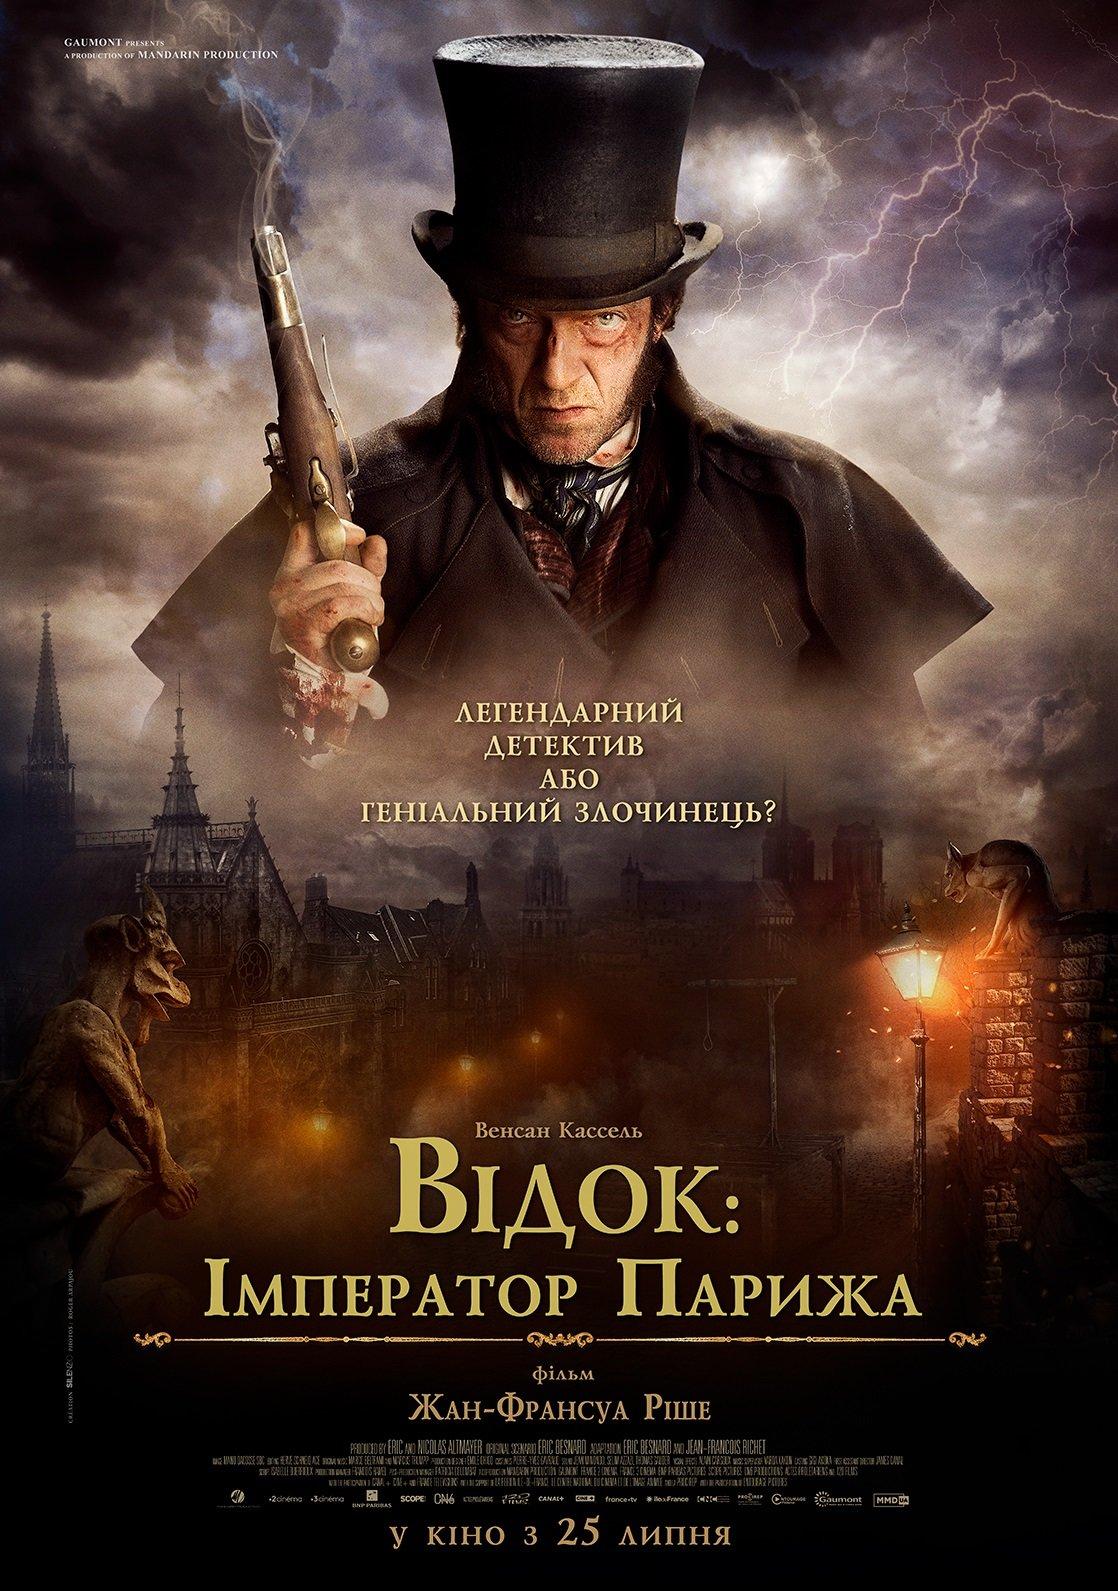 Какие фильмы выйдут в кинотеатрах Днепра, - ТРЕЙЛЕРЫ - 056.ua, фото-4